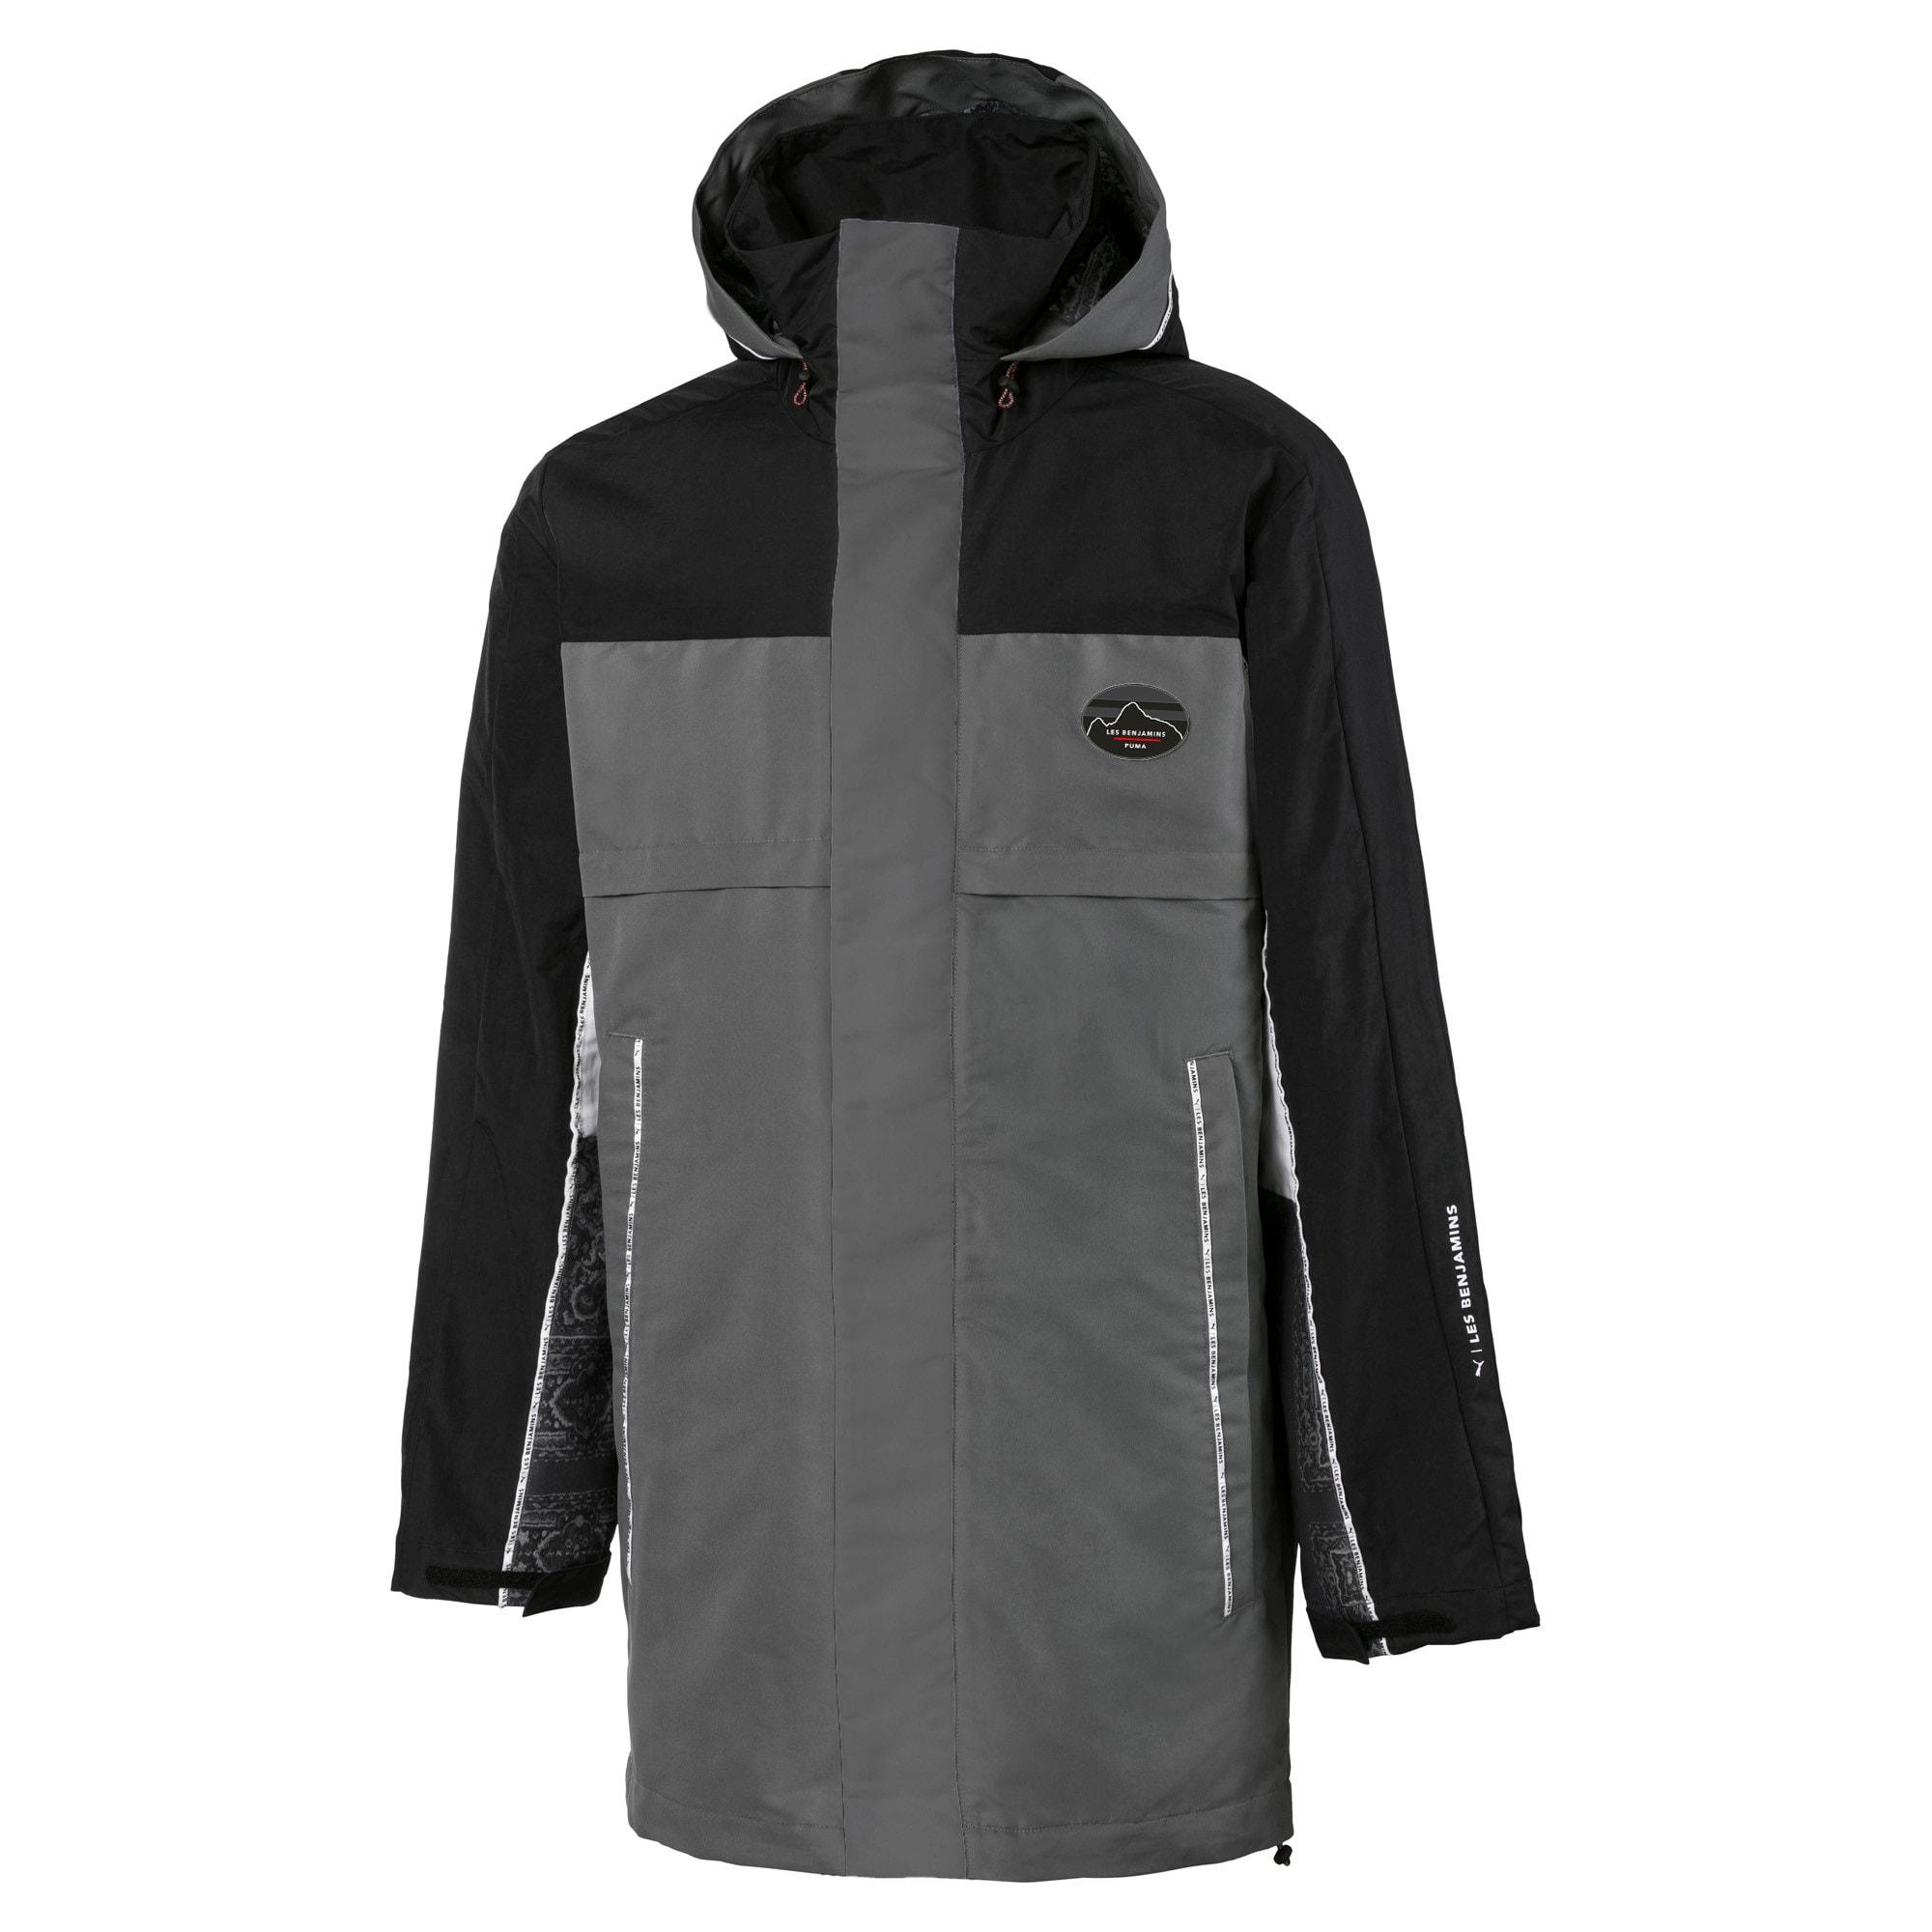 BENJAMINS Jacket Storm Woven Men's x PUMA LES 435jRAL